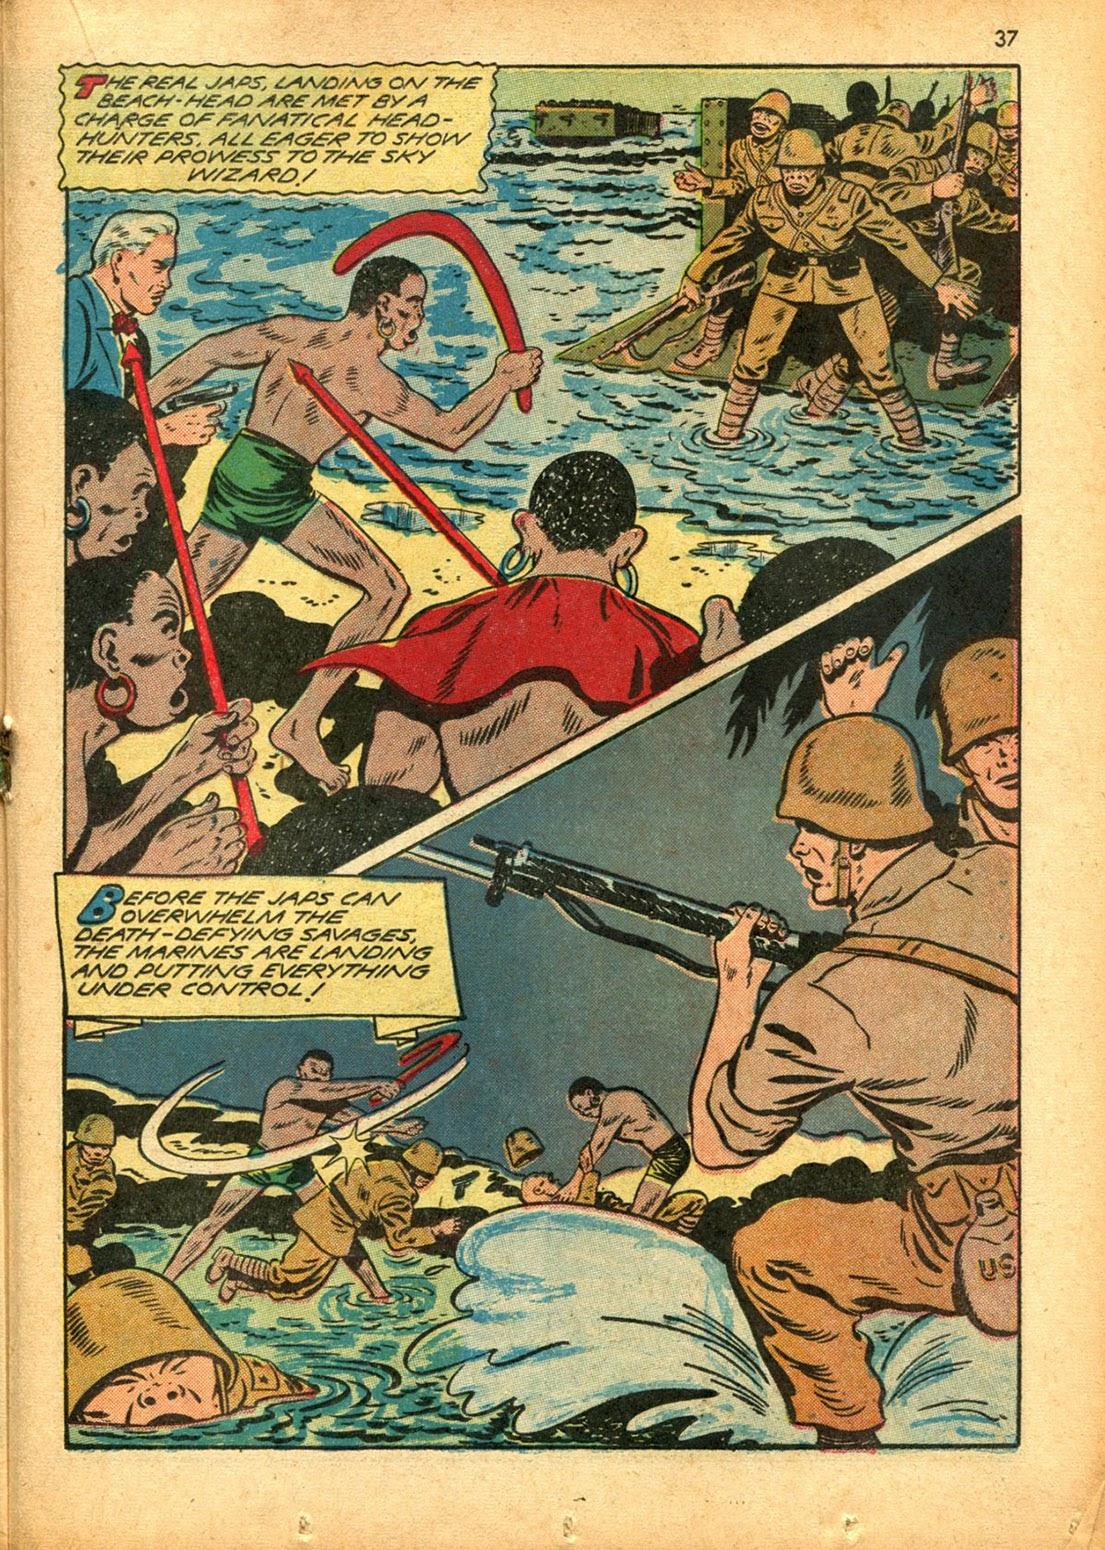 Read online Super-Magician Comics comic -  Issue #15 - 36